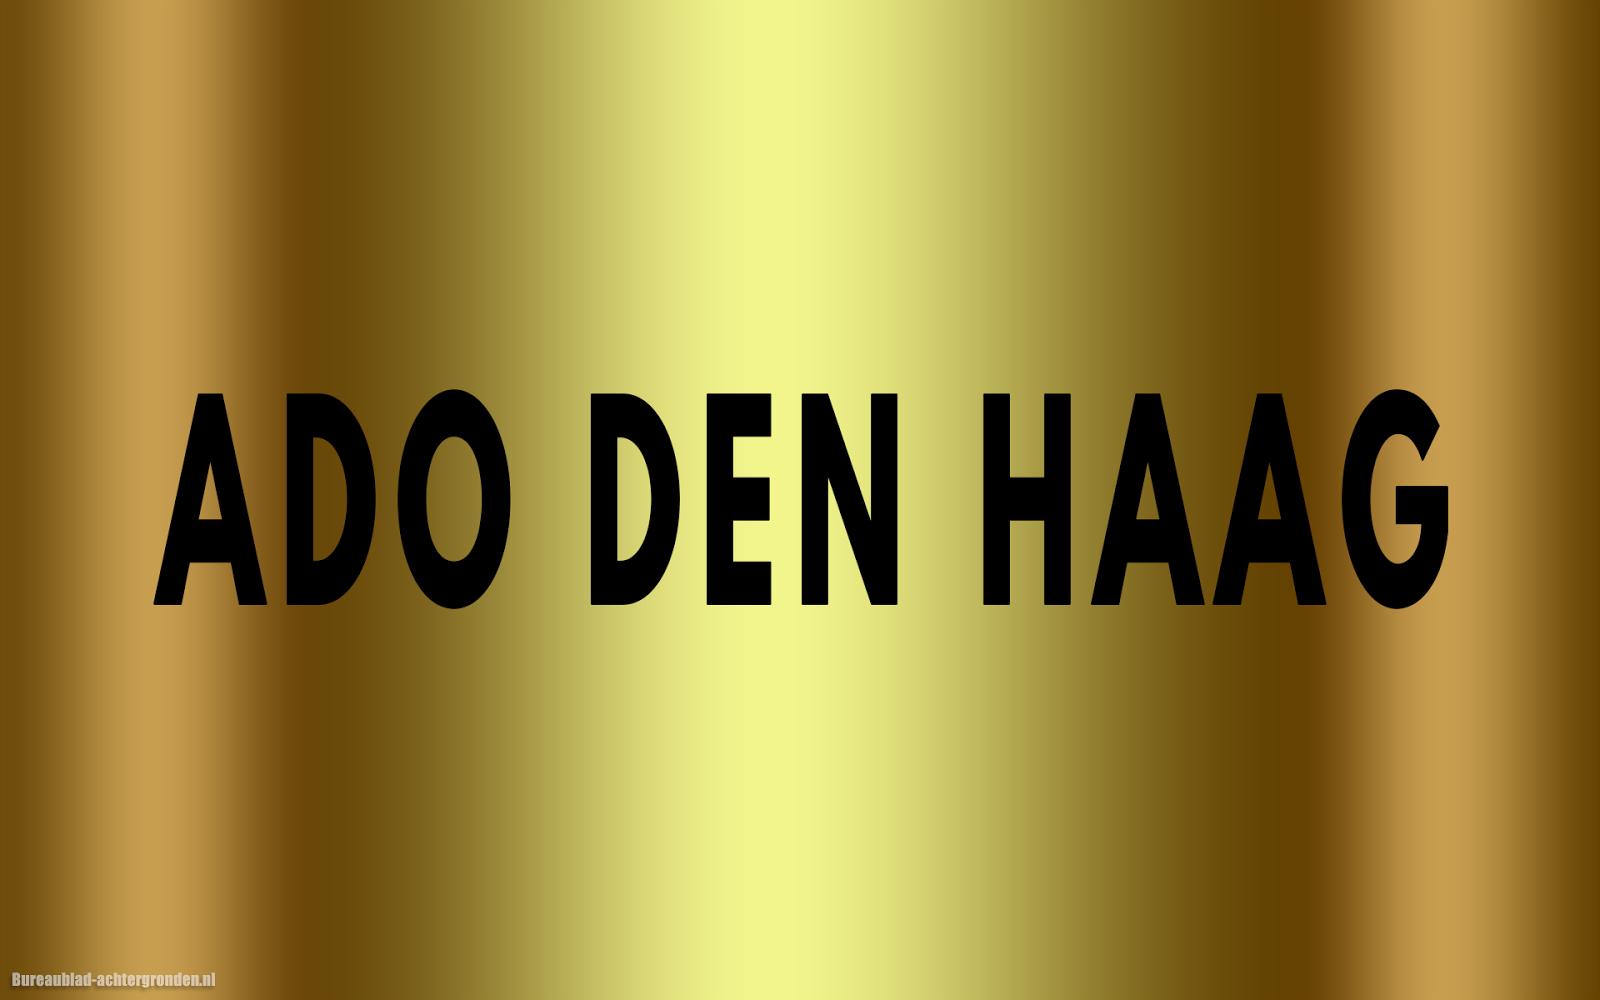 Gouden Ado Den Haag Wallpaper Met Zwarte Tekst Ado Den Haag Mooie Achtergronden